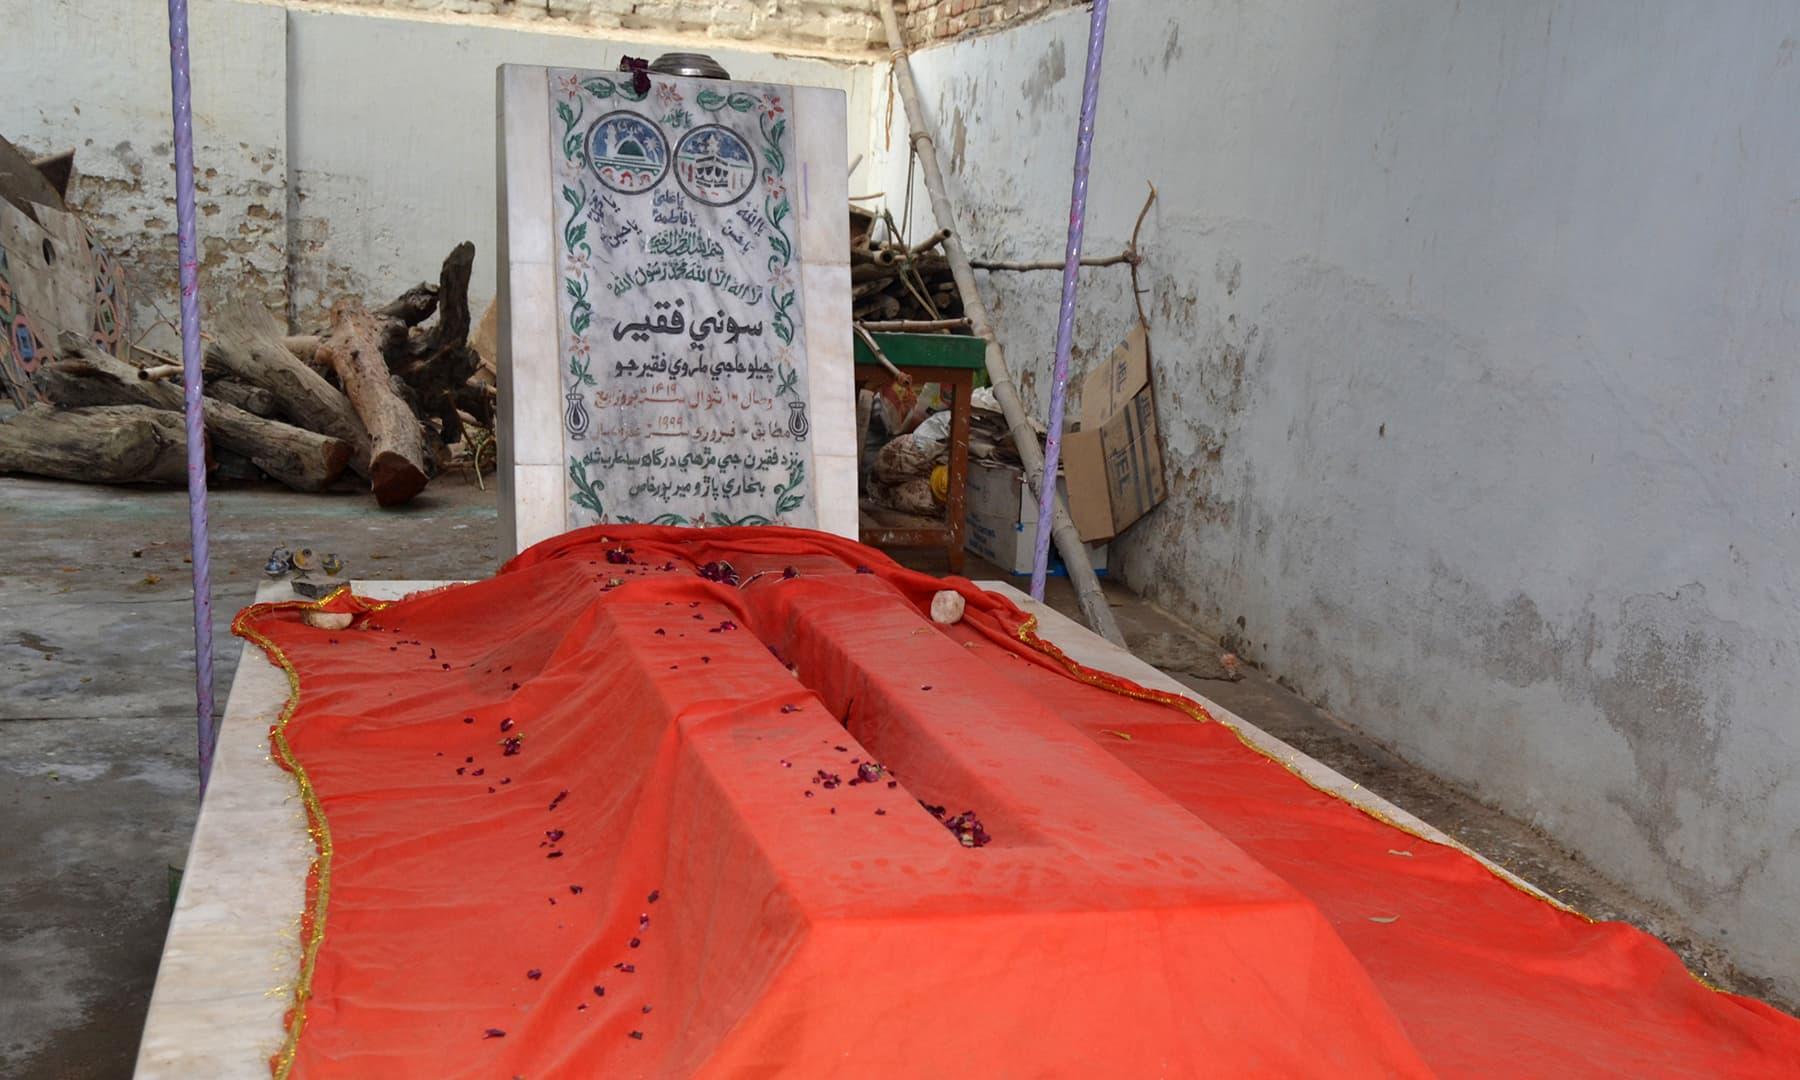 درگاہ عارب شاہ بخاری کے اندر قائم سونی فقیر کی قبر.